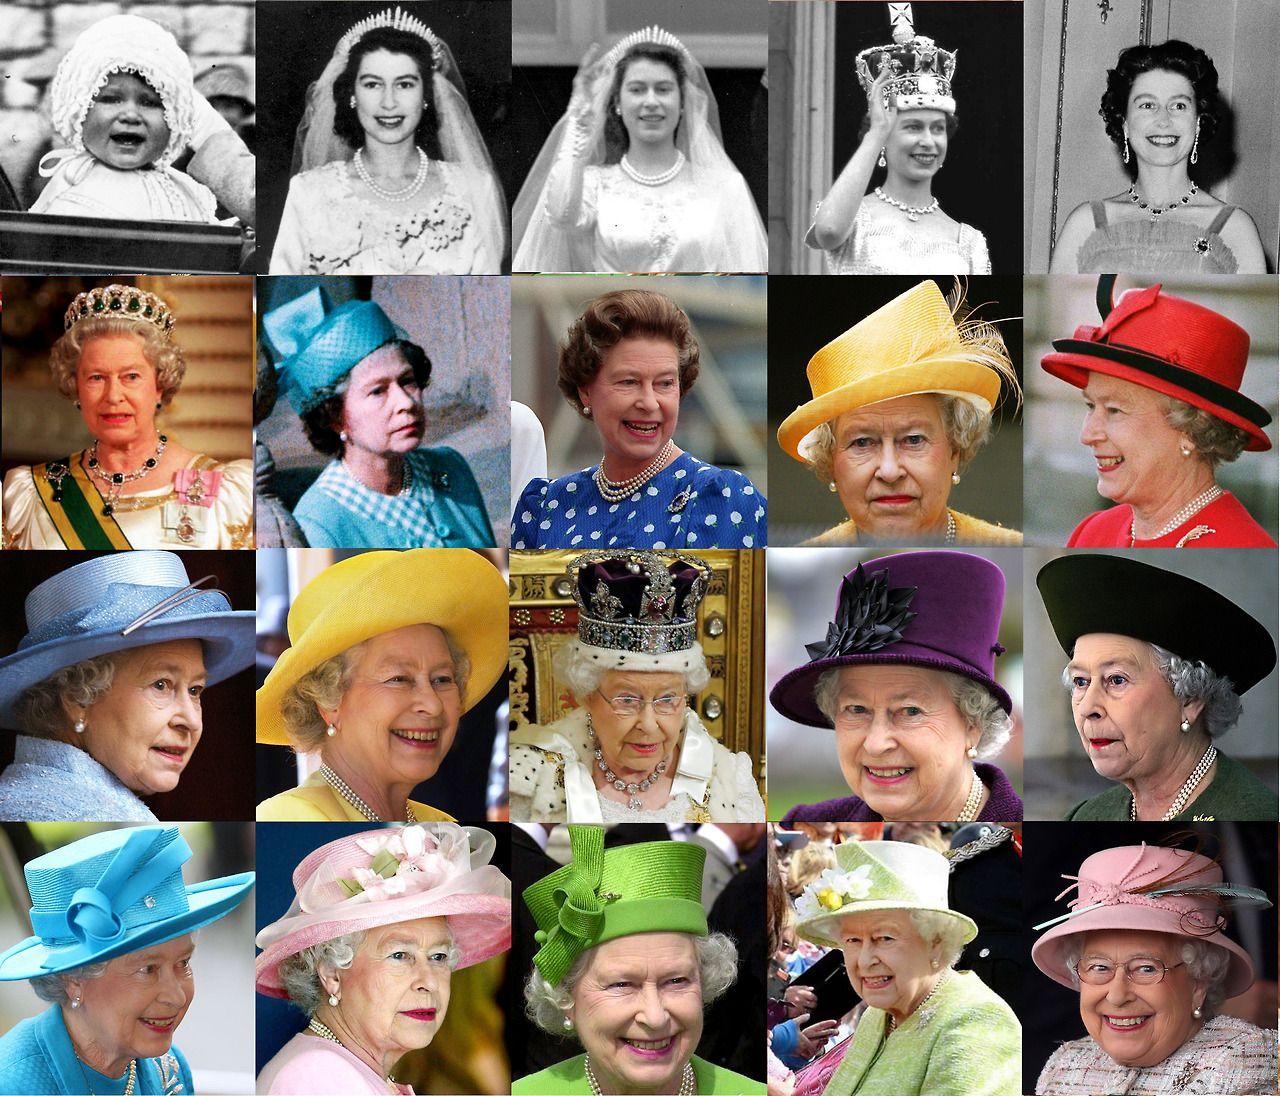 Clarín HD - La Reina Isabel II de Inglaterra cumple 91 años,... | Reina  isabel ii, Reina isabel, Isabel ii